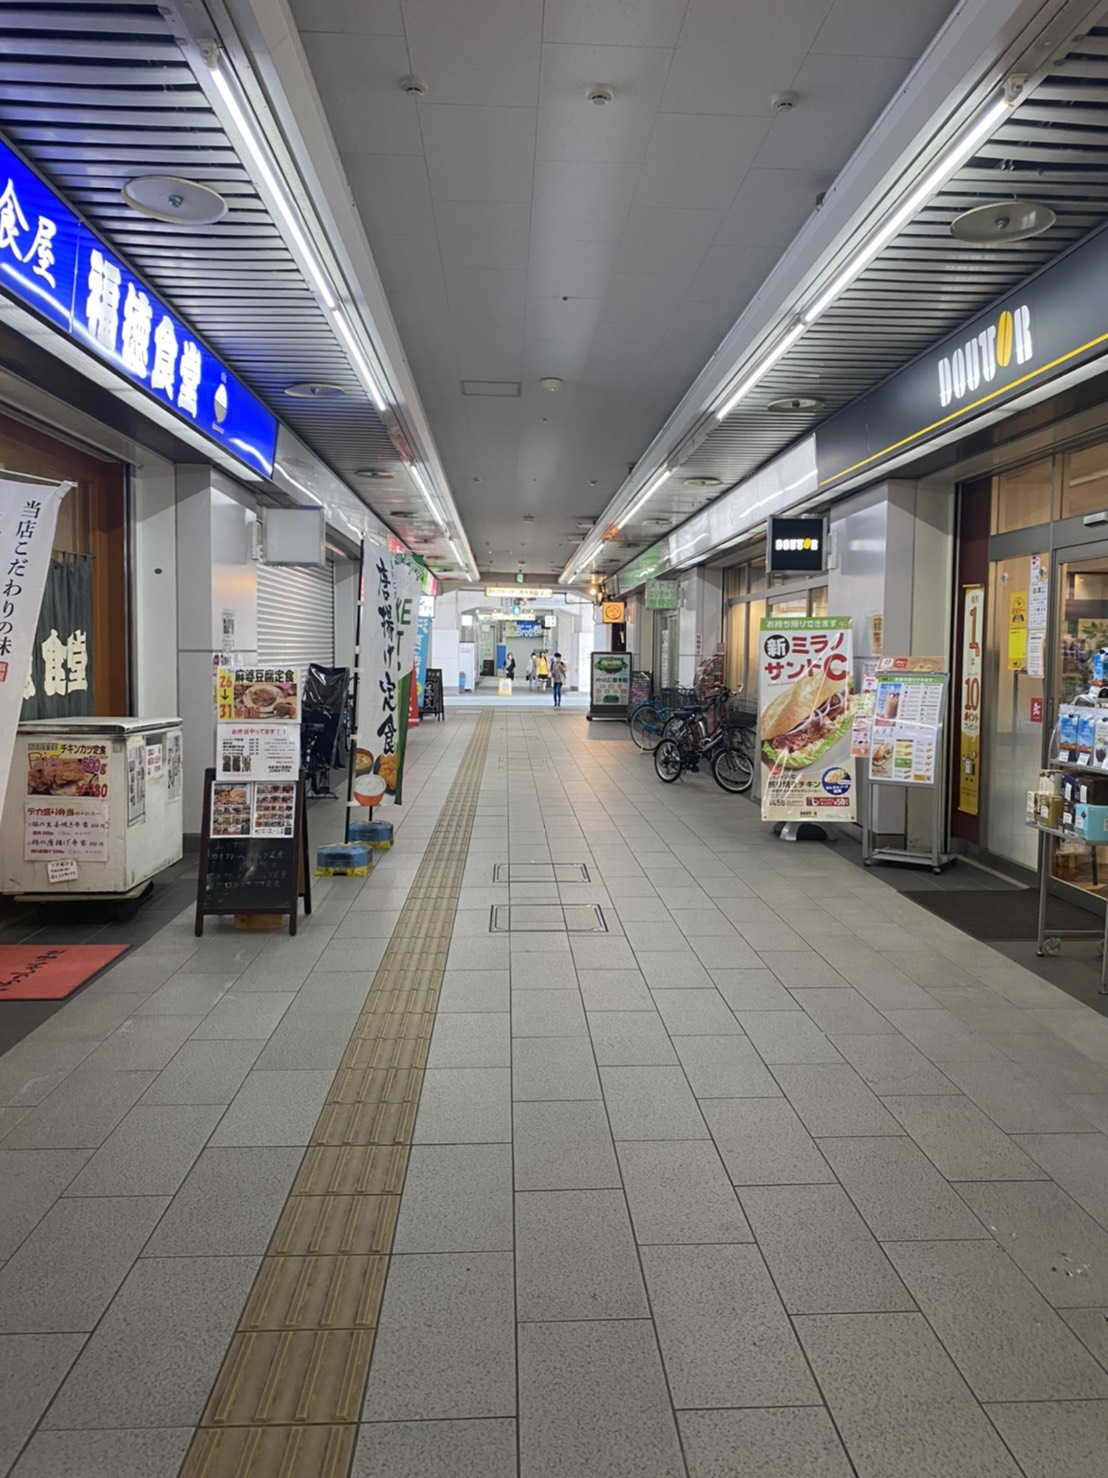 原木中山駅の改札をでたところの写真